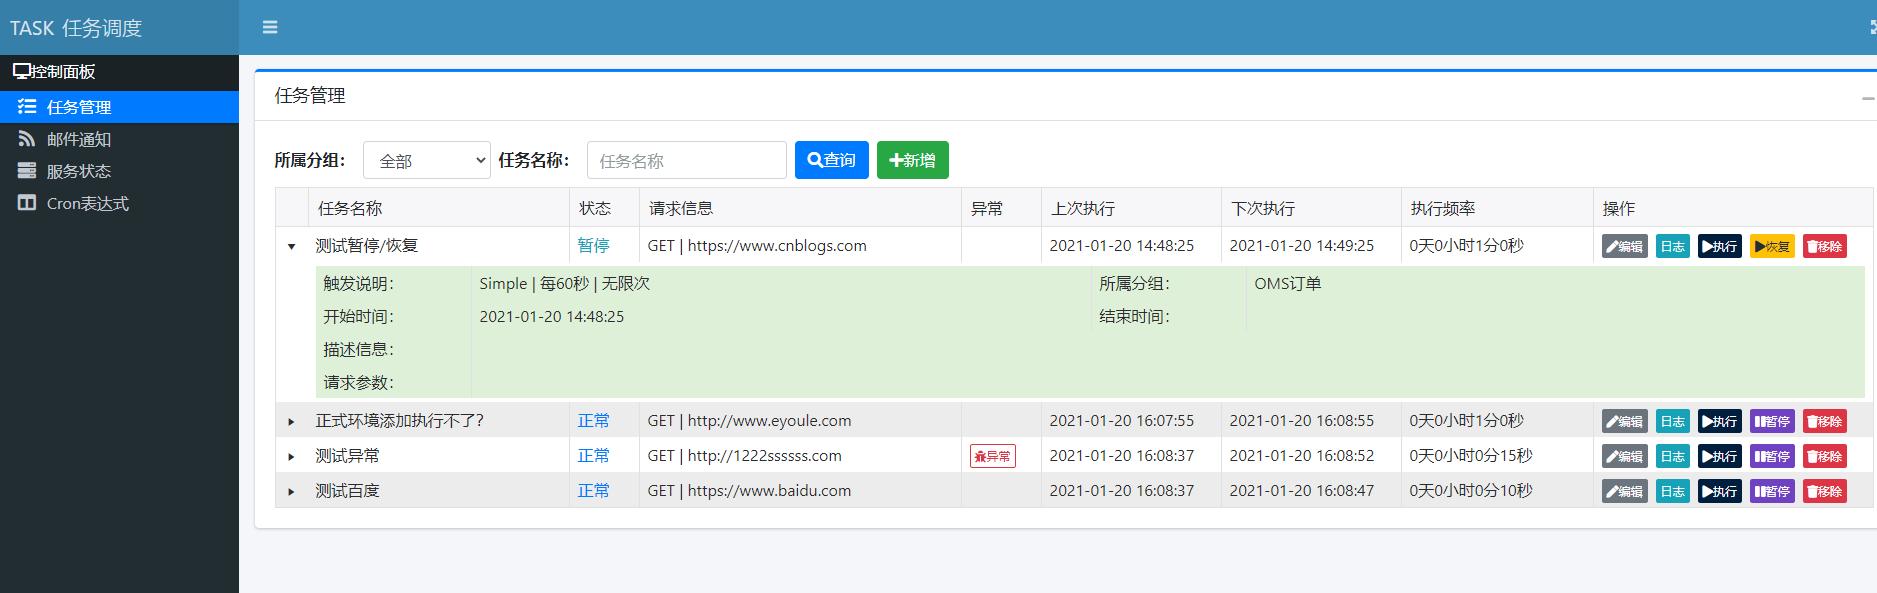 基于 Asp.Net Core 5.0 依赖 Quartz.Net 框架编写的任务调度 web 管理平台